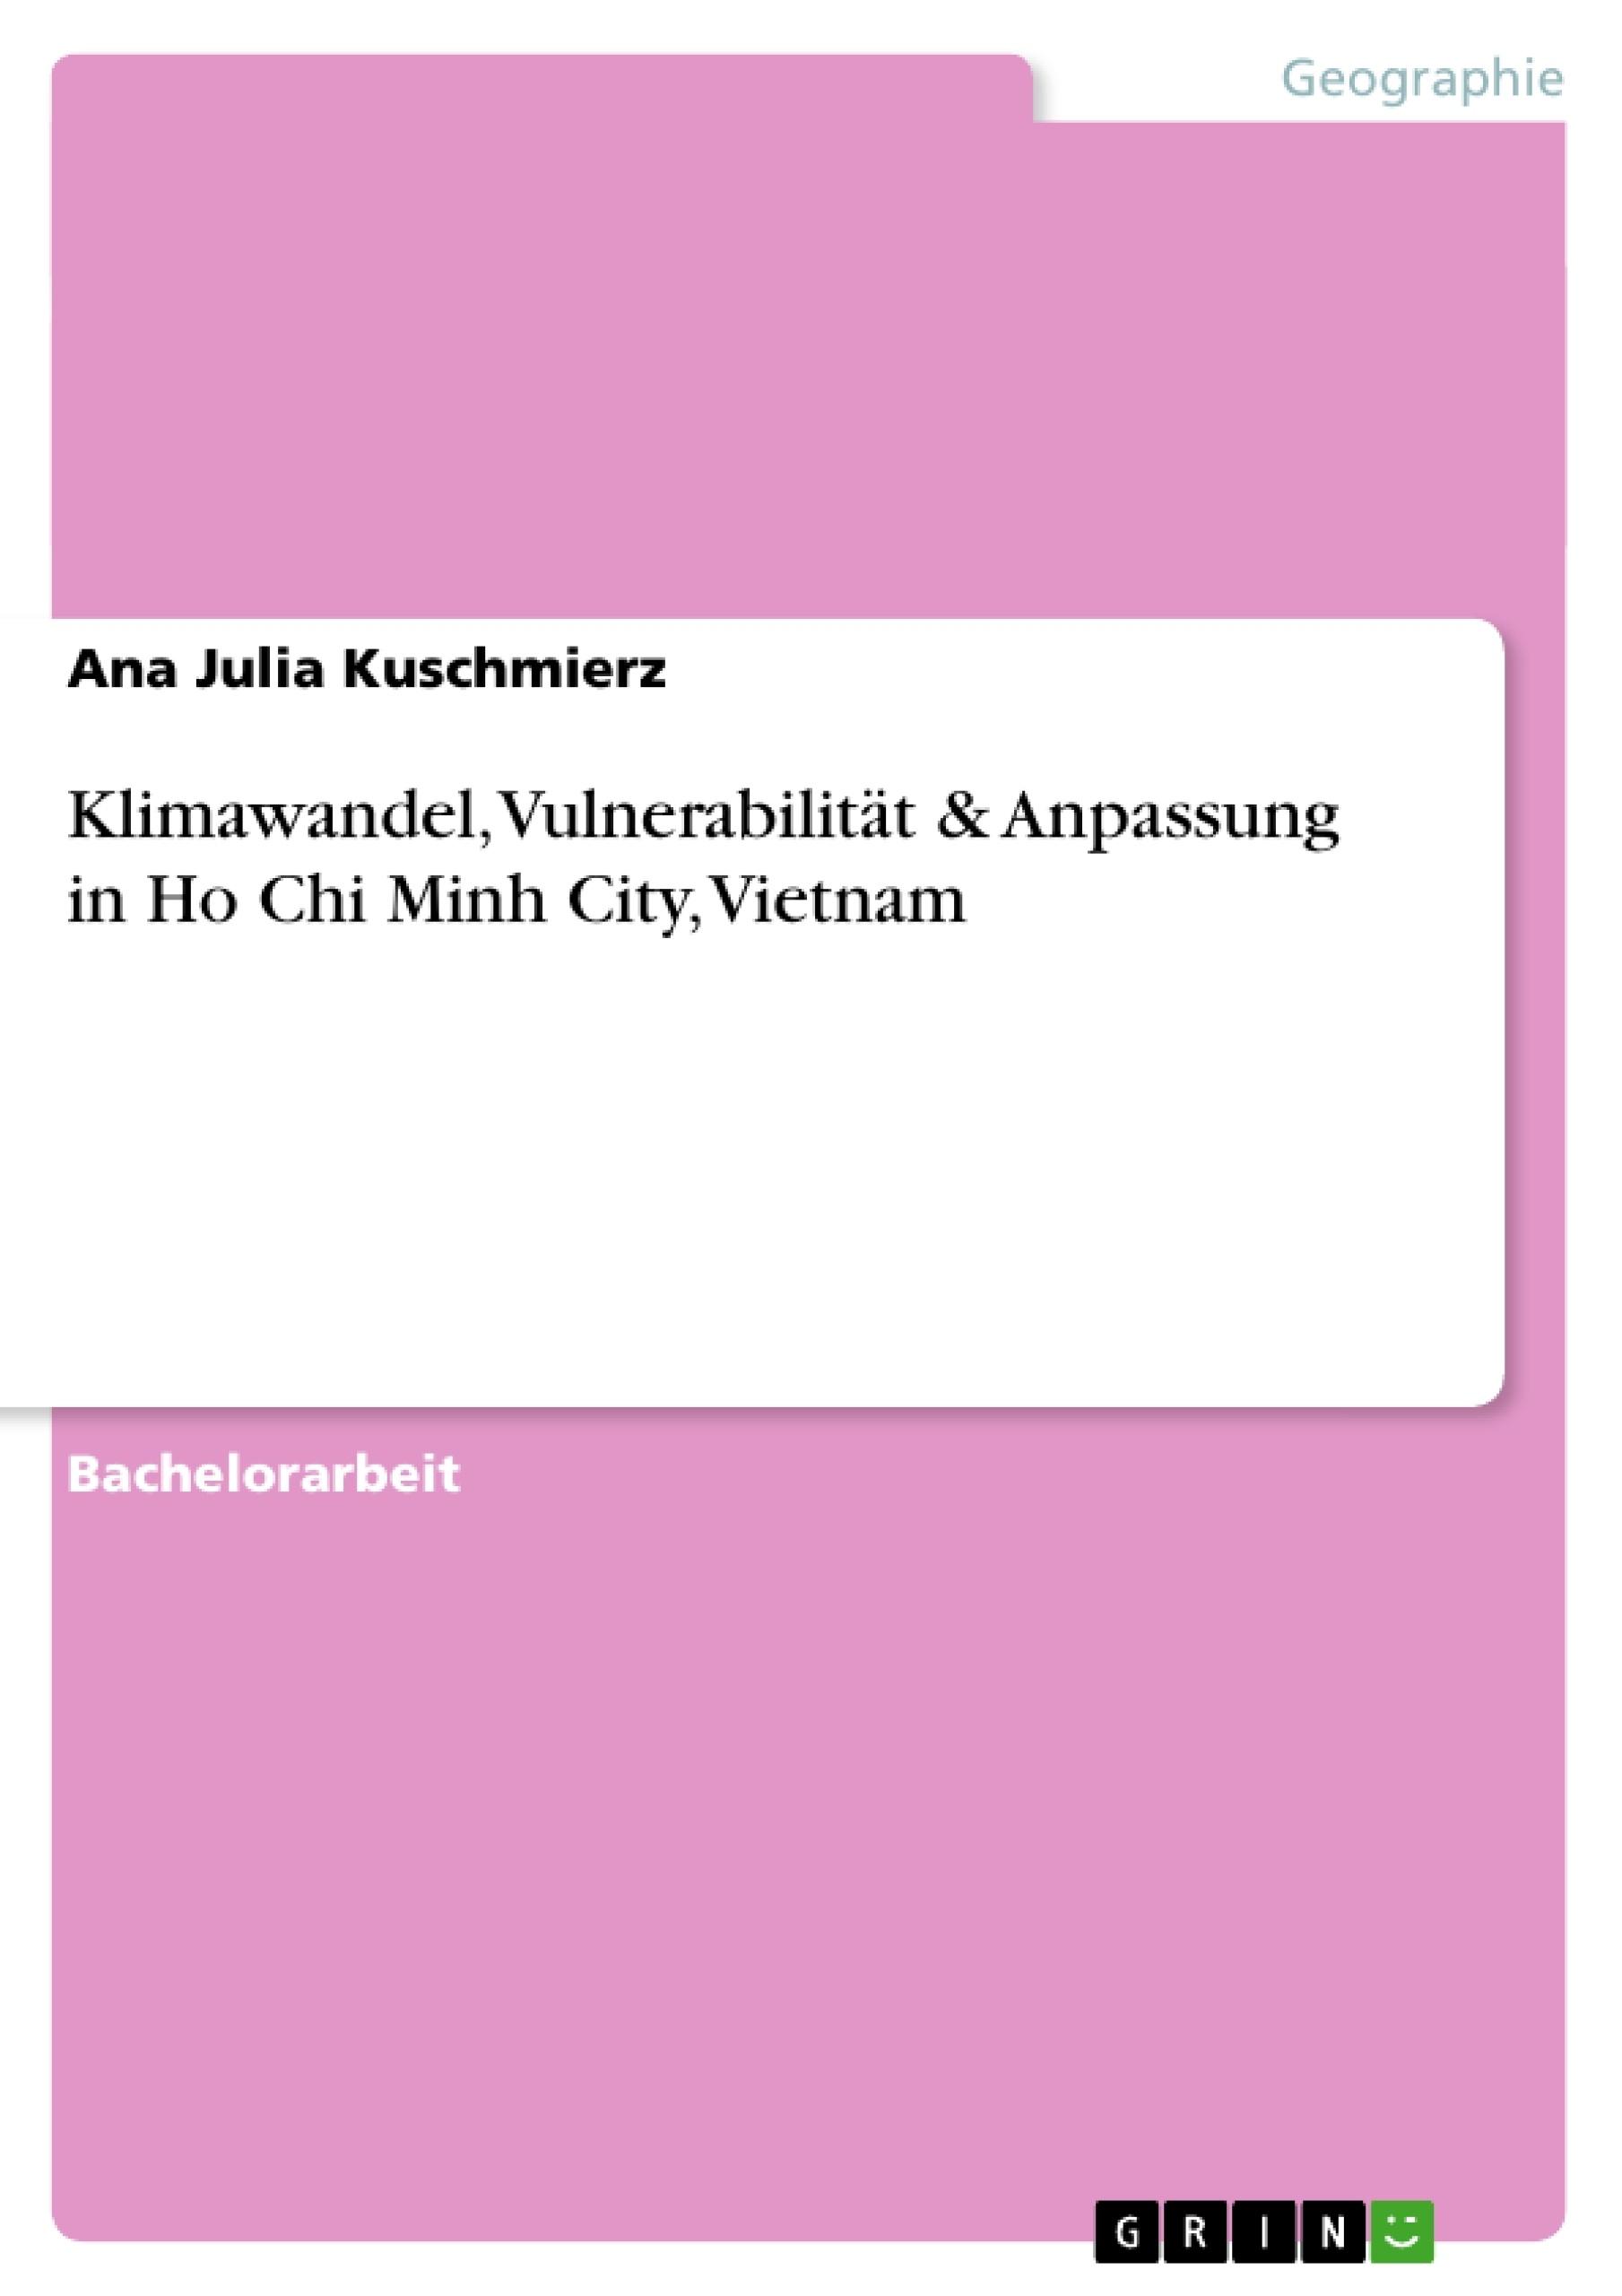 Titel: Klimawandel, Vulnerabilität & Anpassung in Ho Chi Minh City, Vietnam